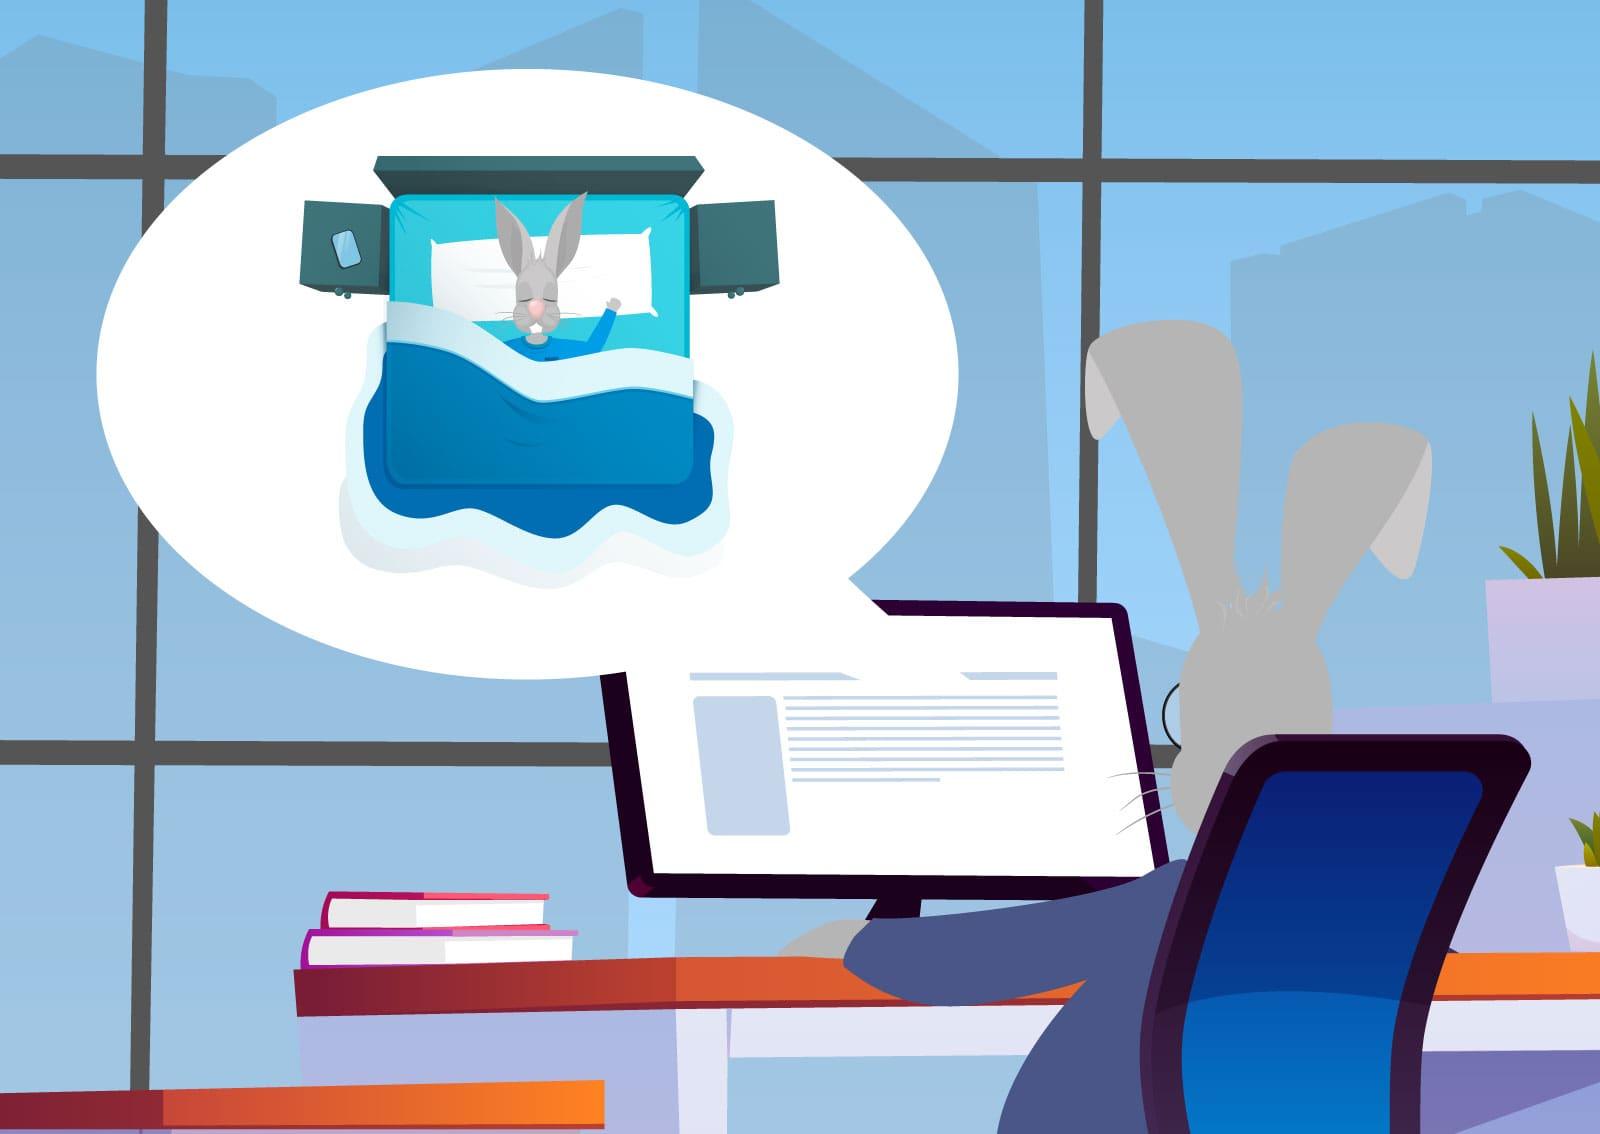 Ilustracija zeca kako pretražuje proizvode sa interneta na Google-u i razmišlja o spavanju.